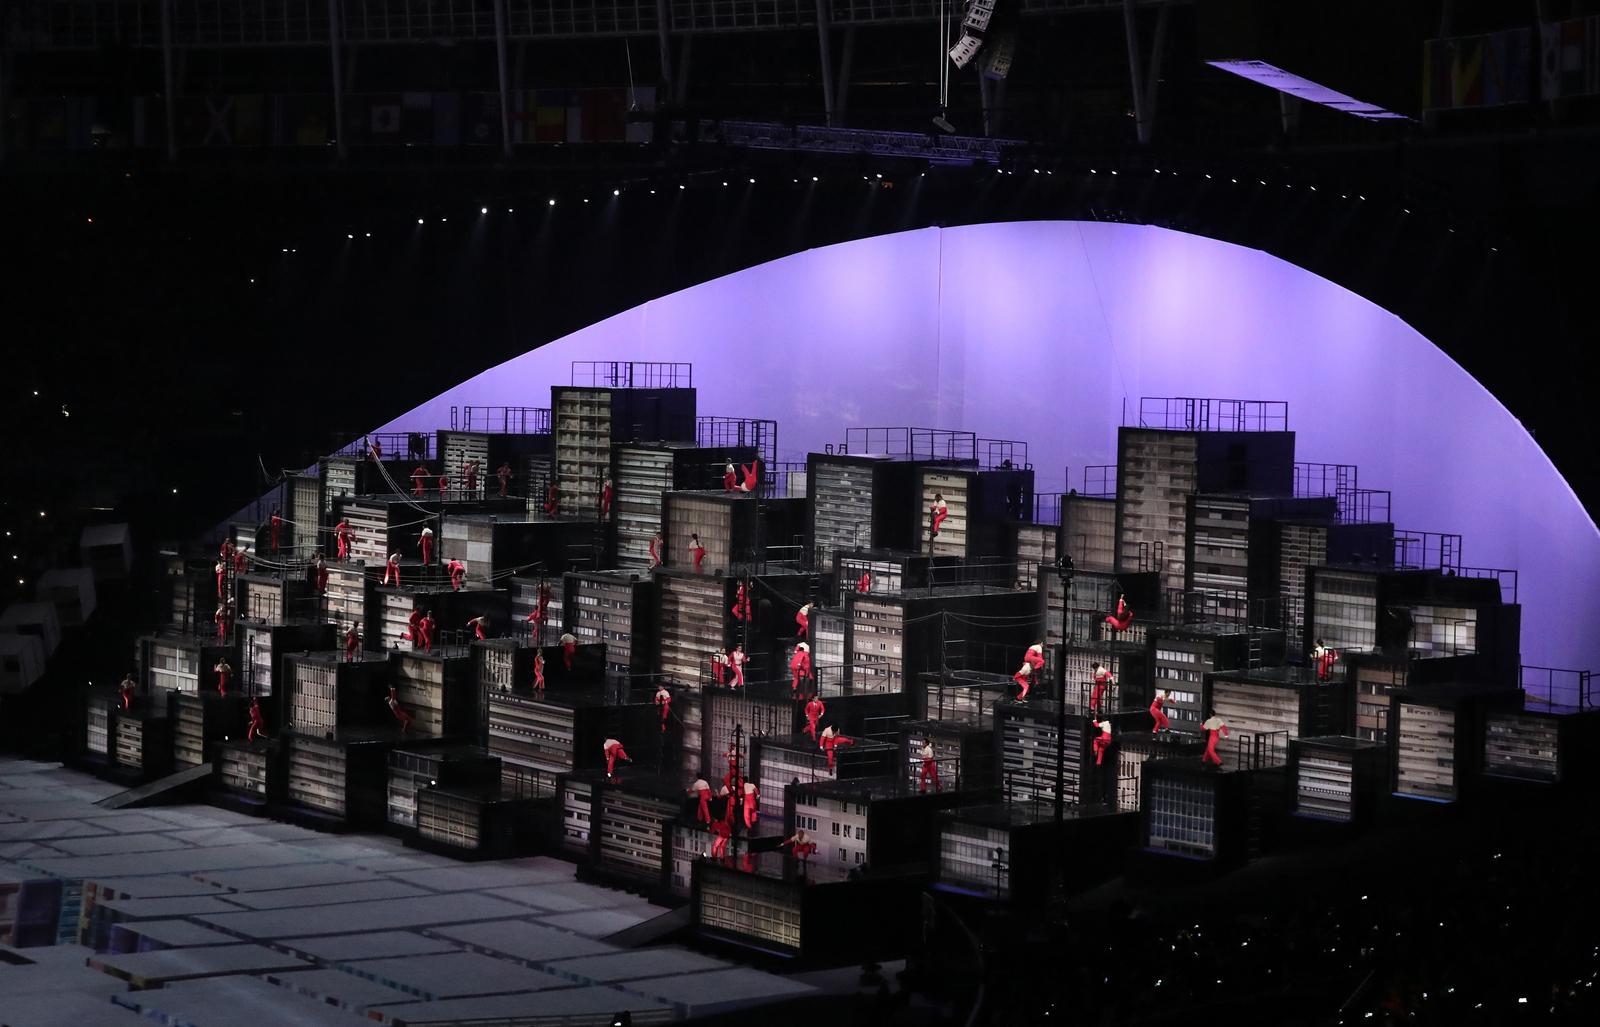 На церемонии открытия показали городские танцы на крышах